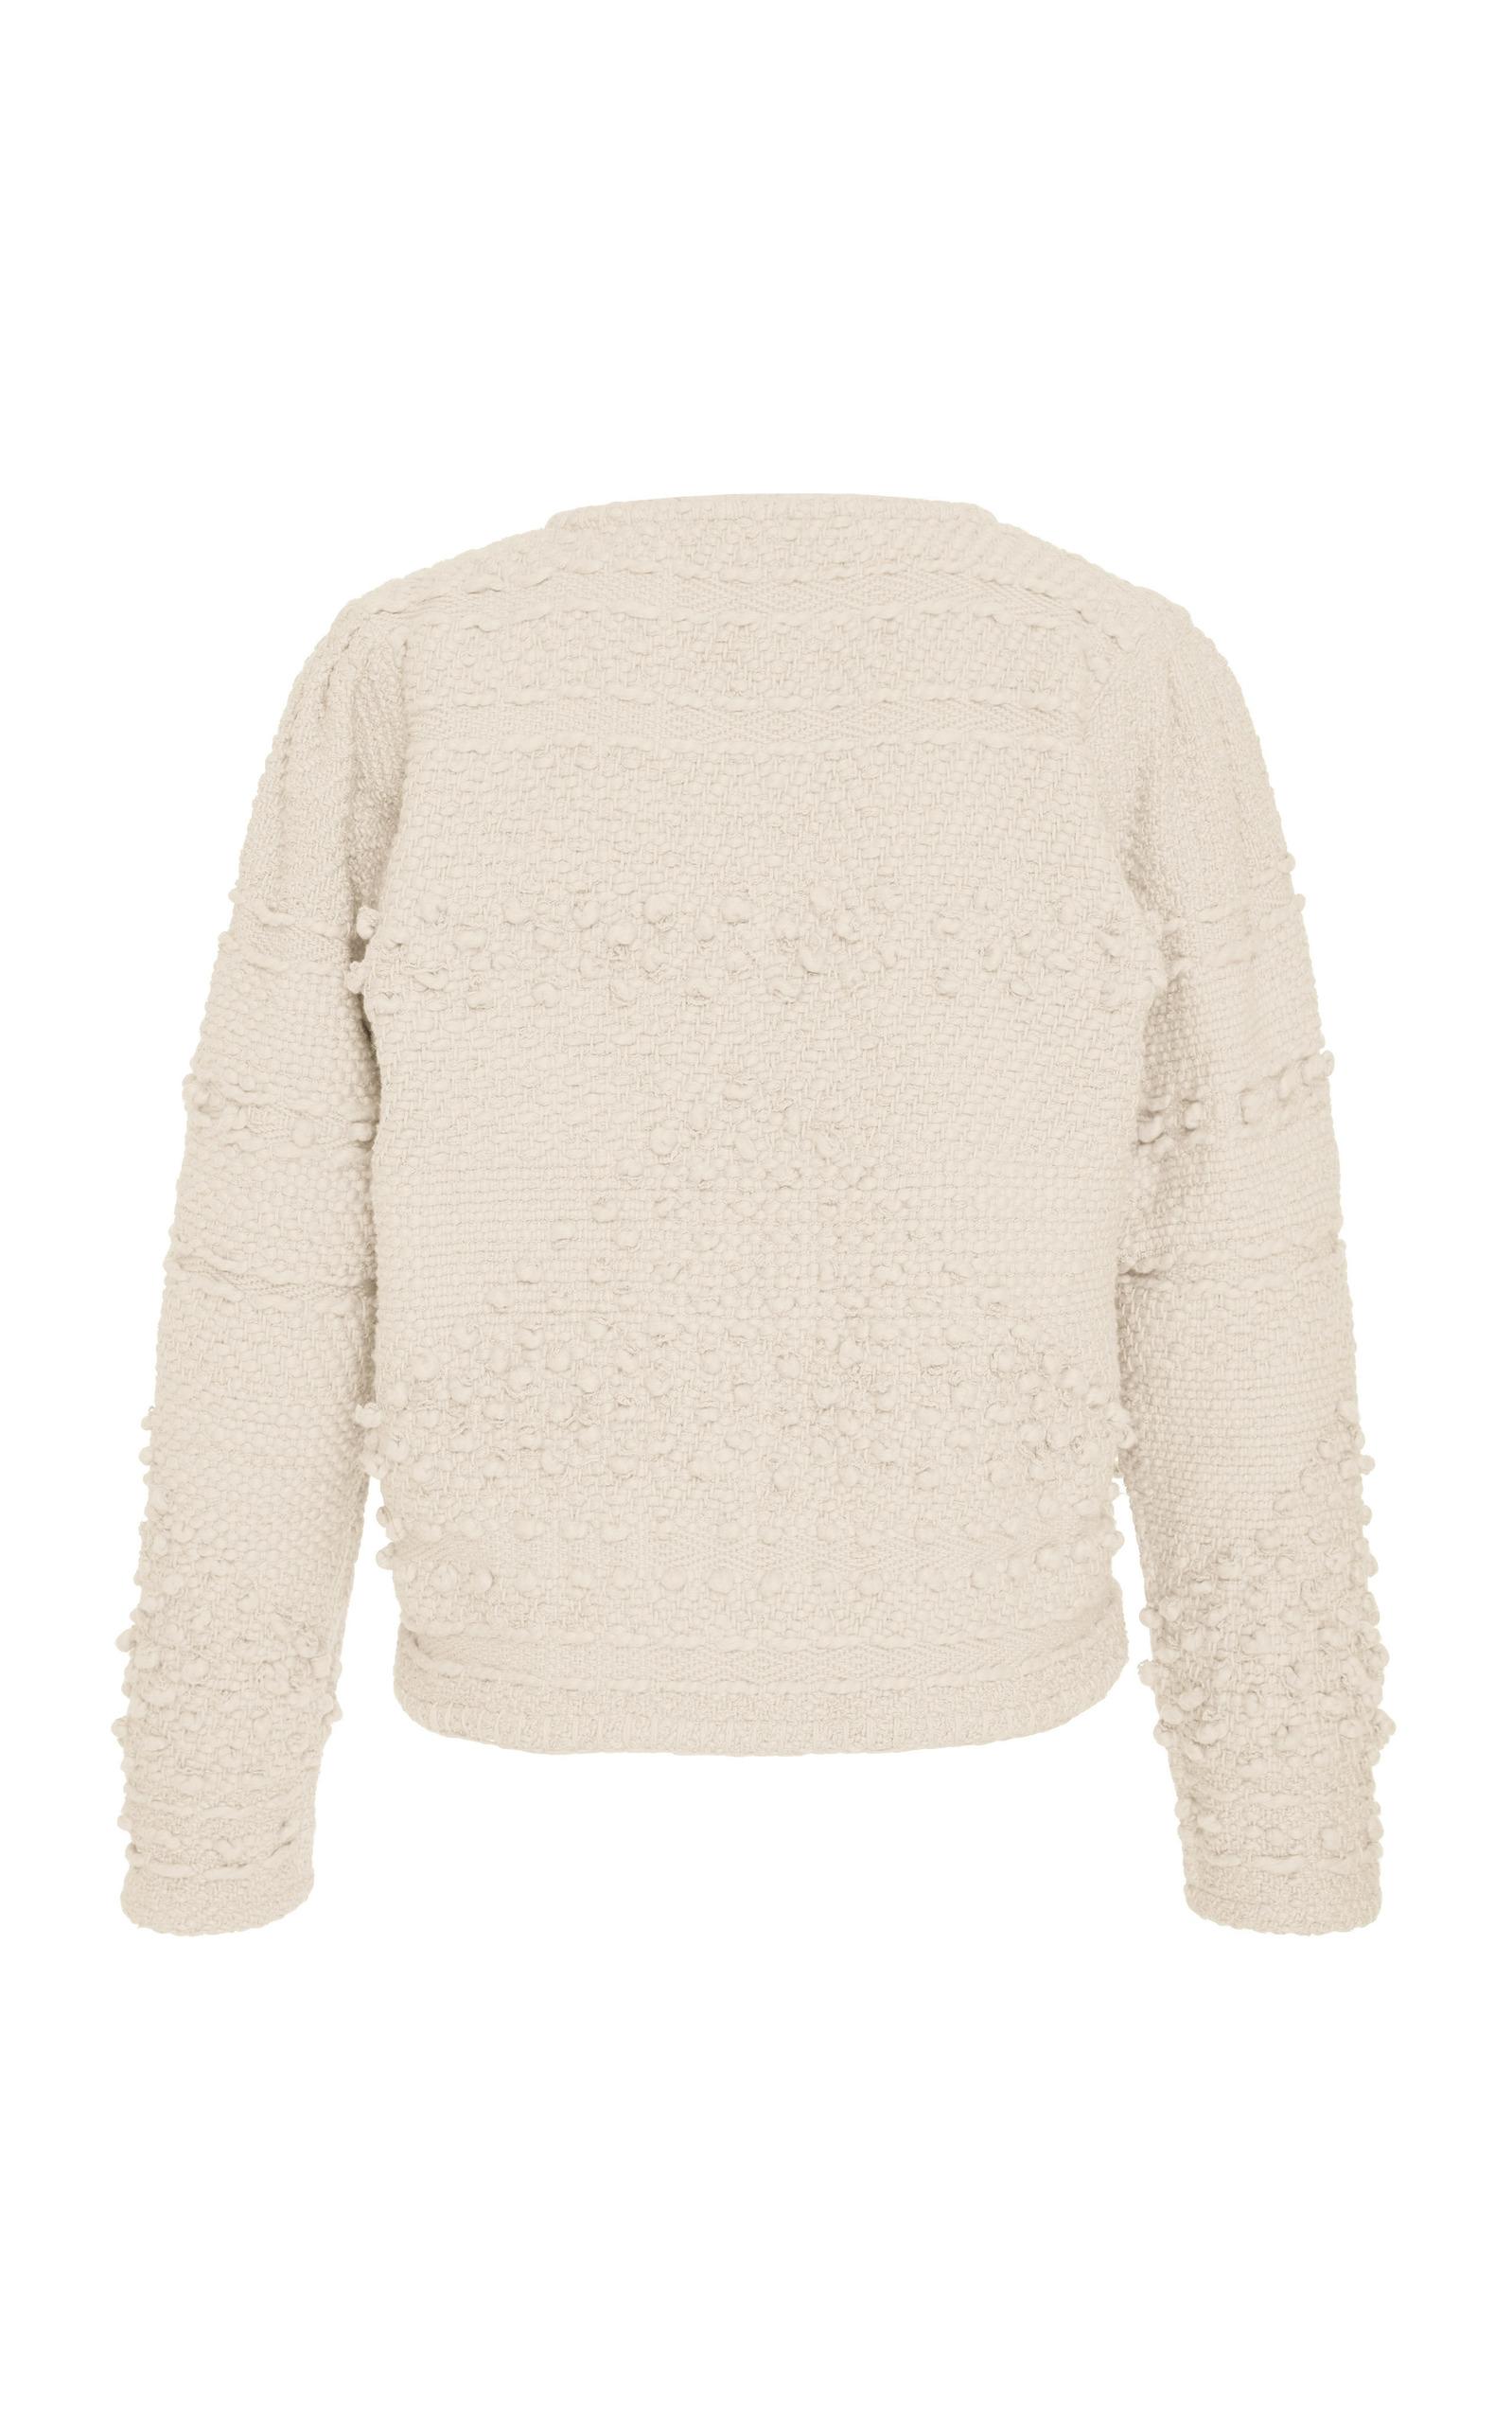 Dinah Handloom Jacket